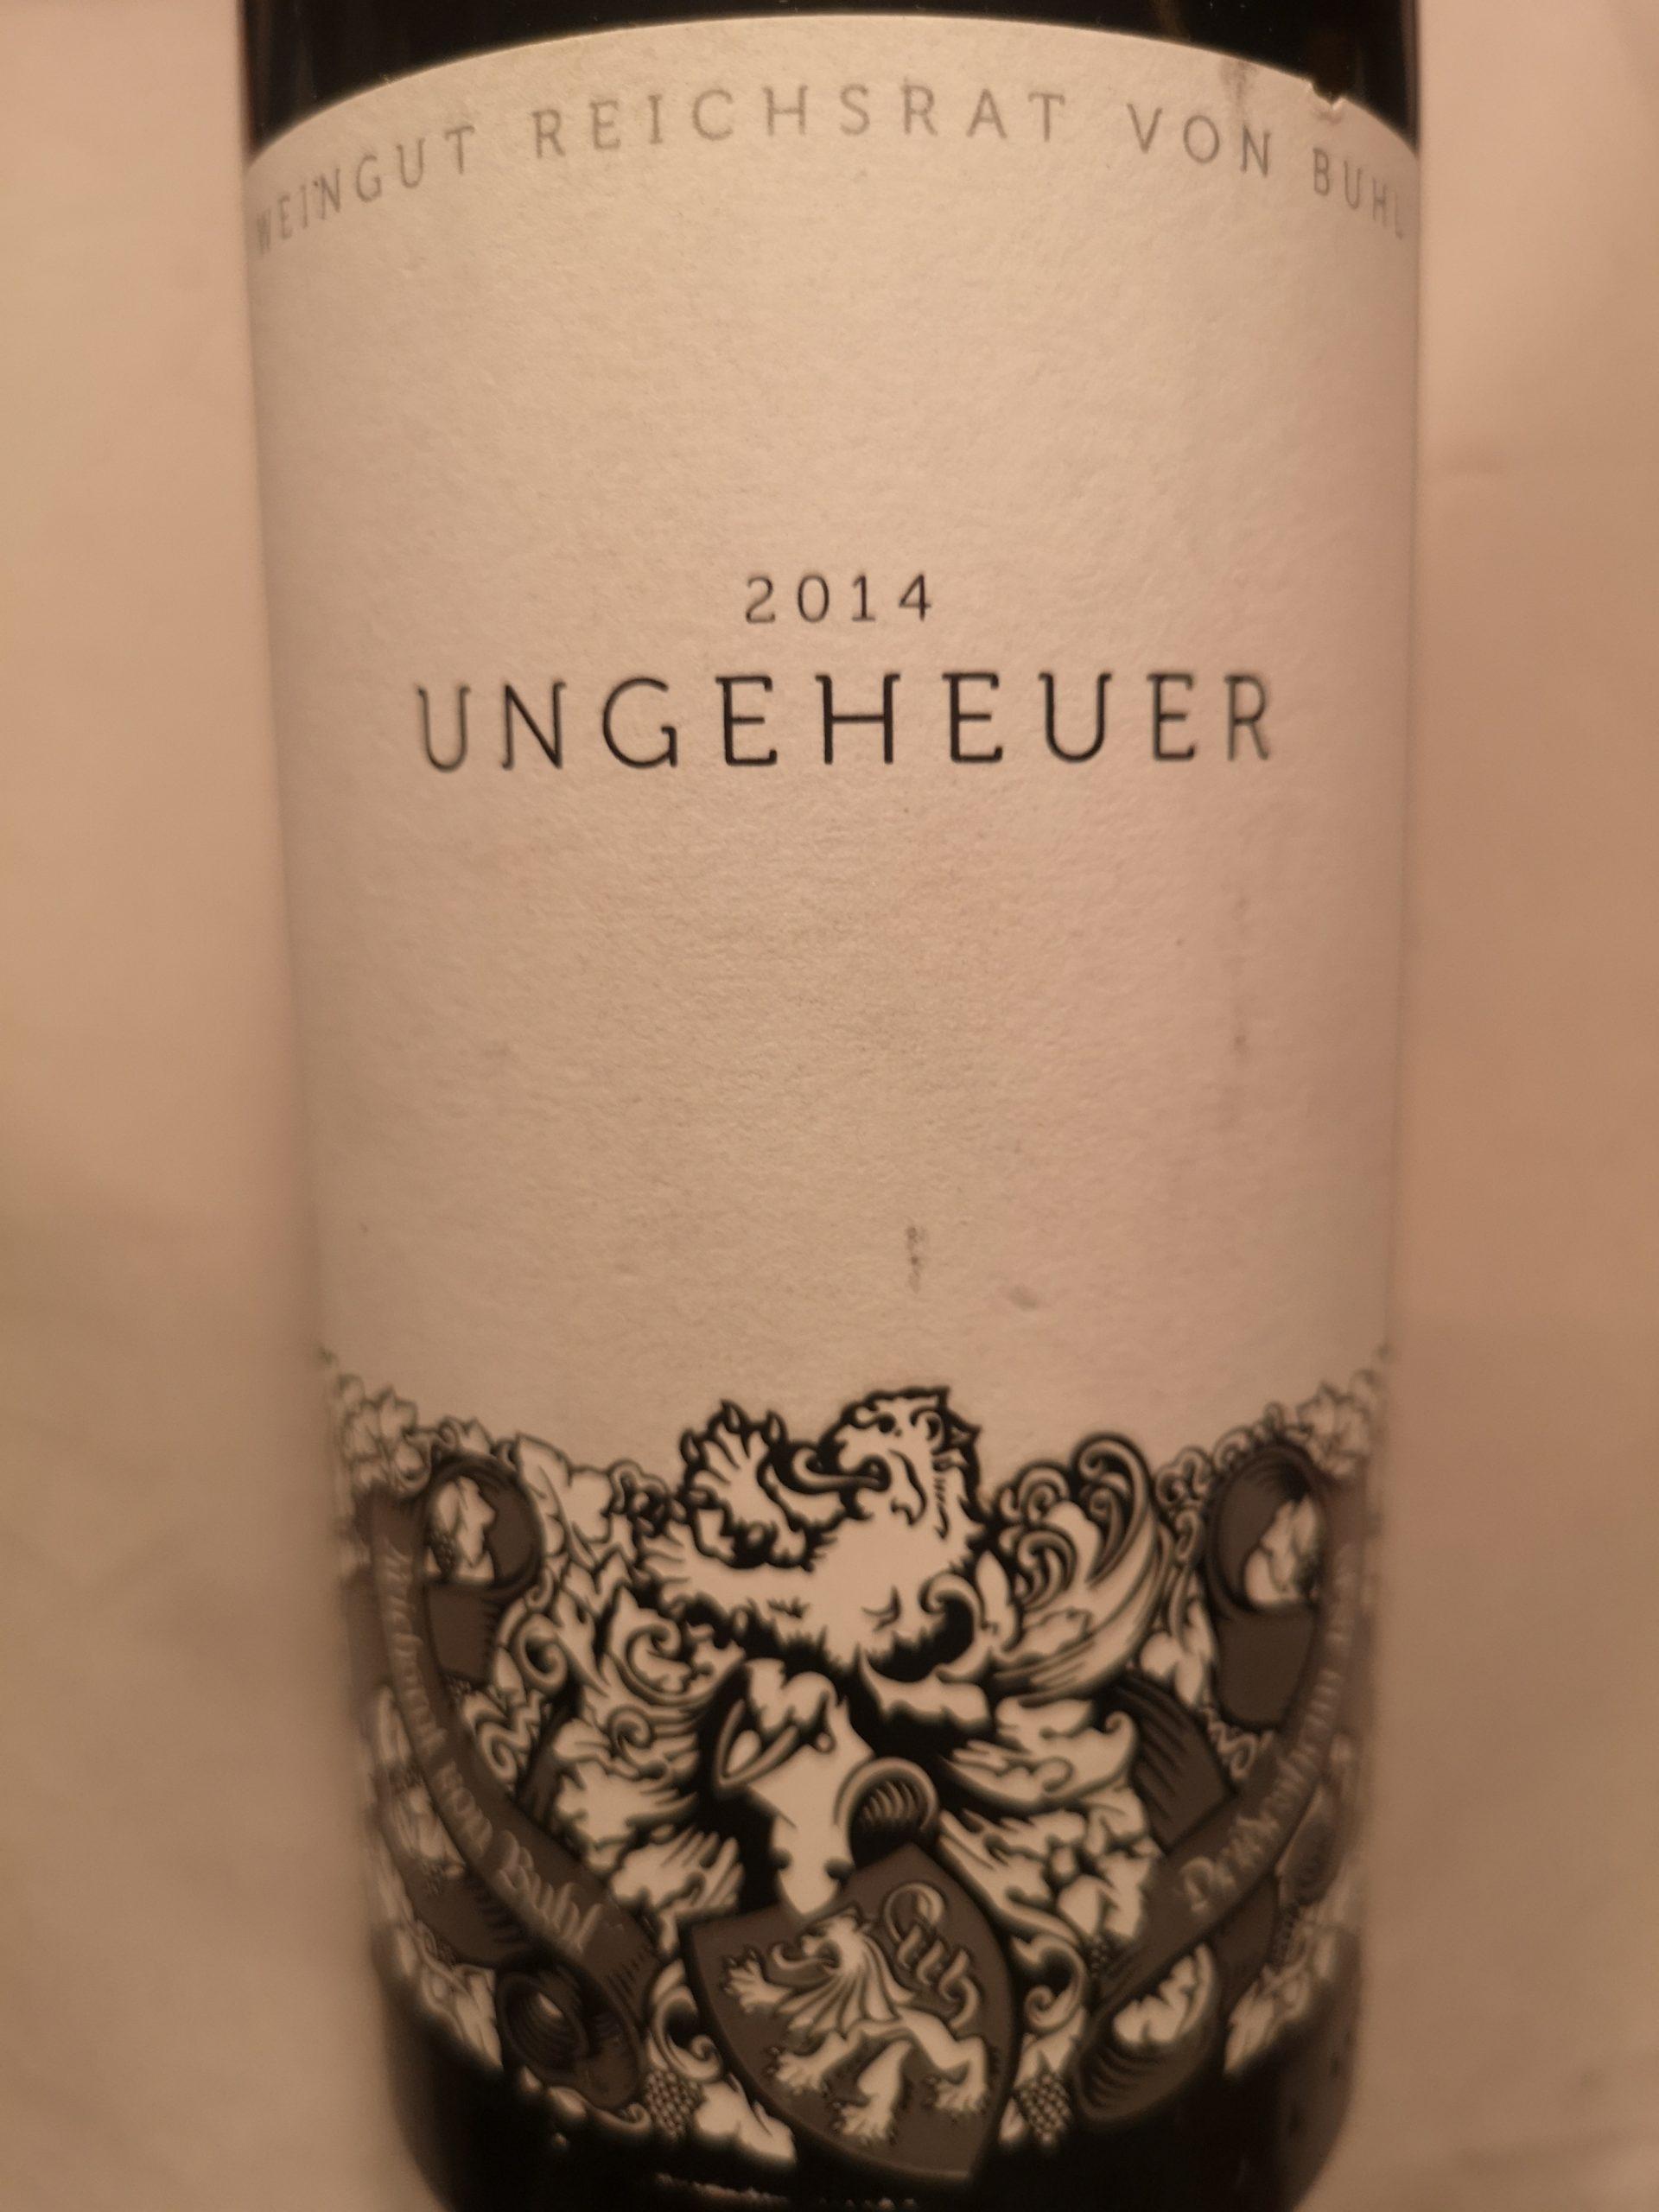 2014 Riesling Forster Ungeheuer GG | von Buhl